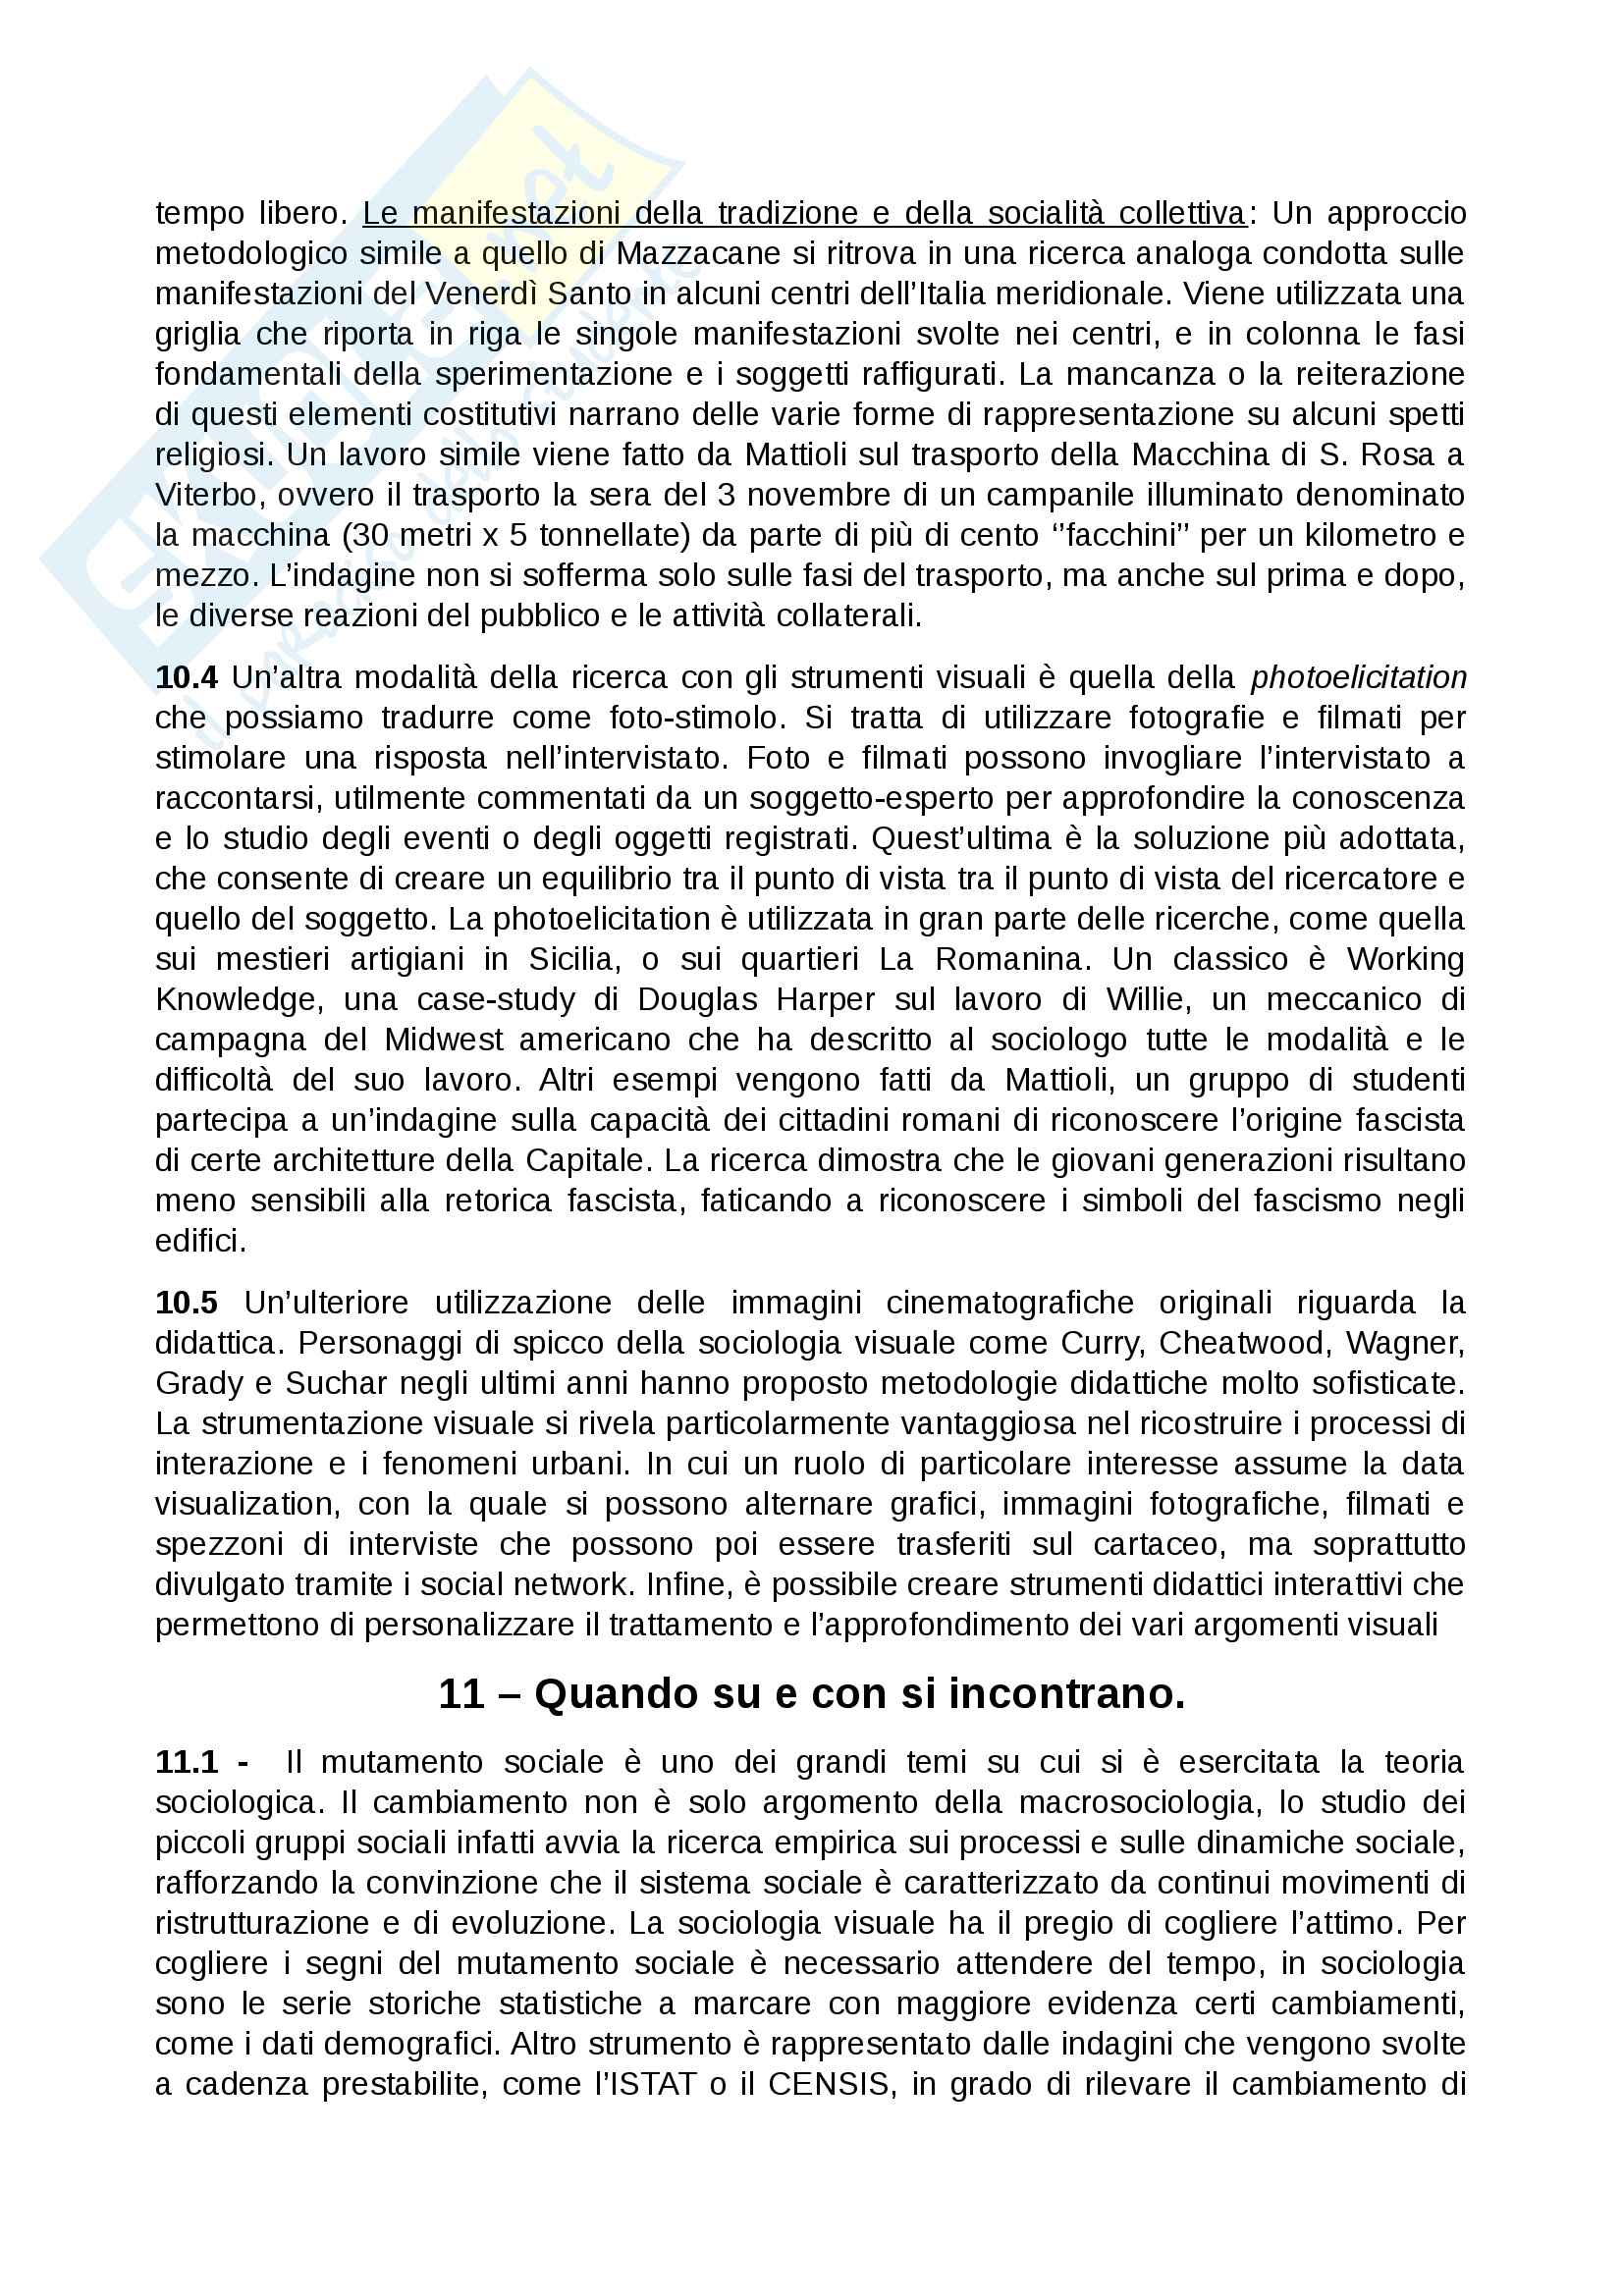 Riassunto esame Sociologia dei processi culturali, prof. Mattioli, libro consigliato La sociologia visuale, che cos'è e come si fa, Mattioli Pag. 21